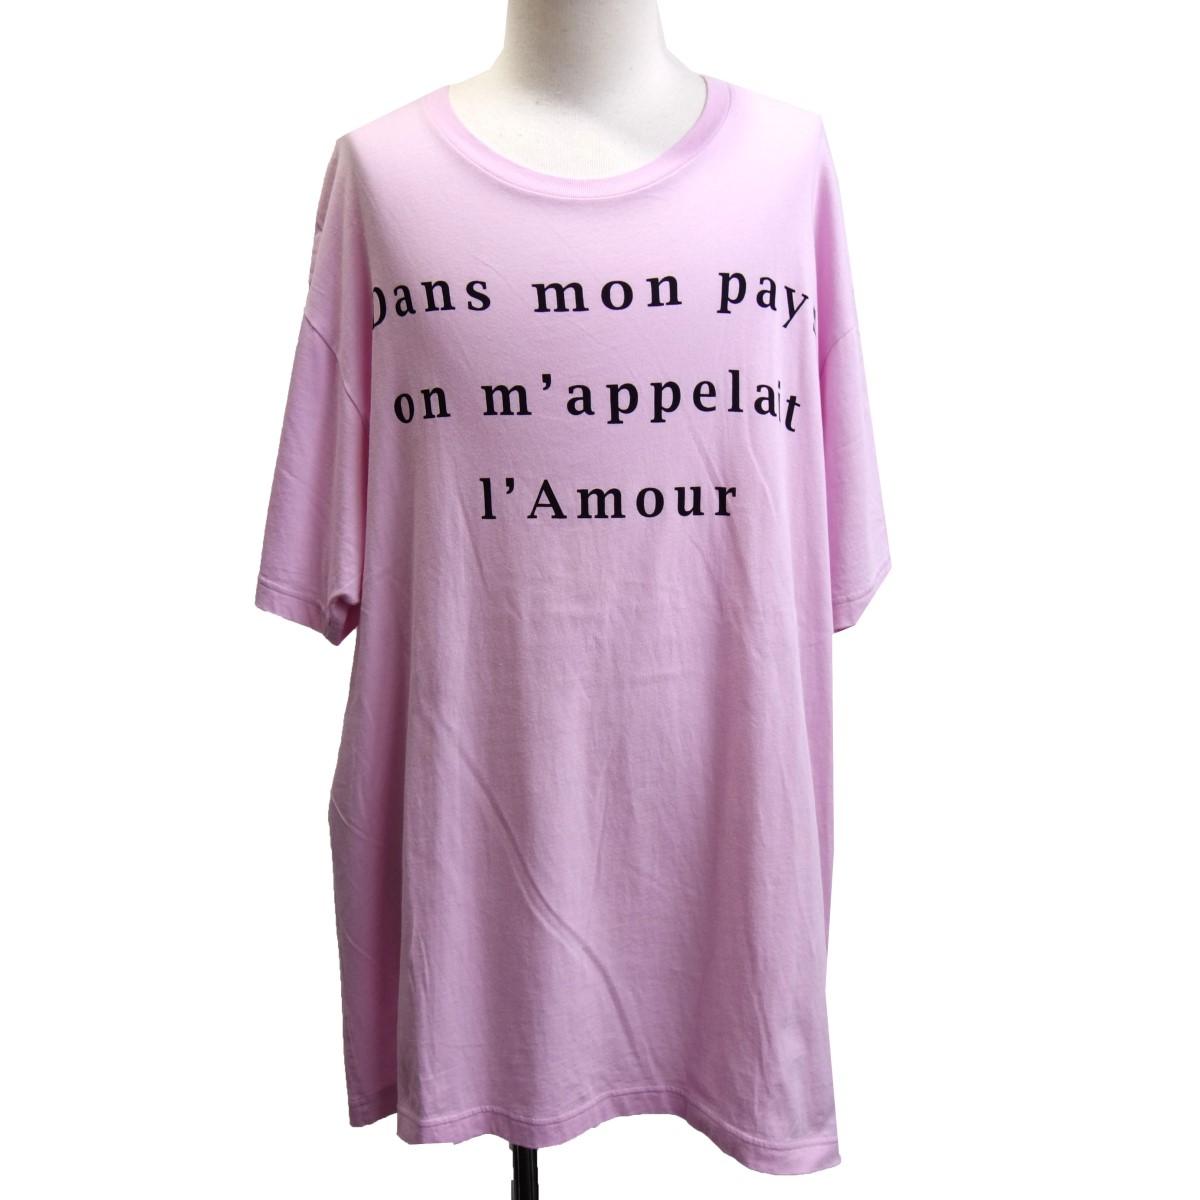 【中古】GUCCI 19SS 539081 バックスカルプリントTシャツ ピンク サイズ:M 【020520】(グッチ)